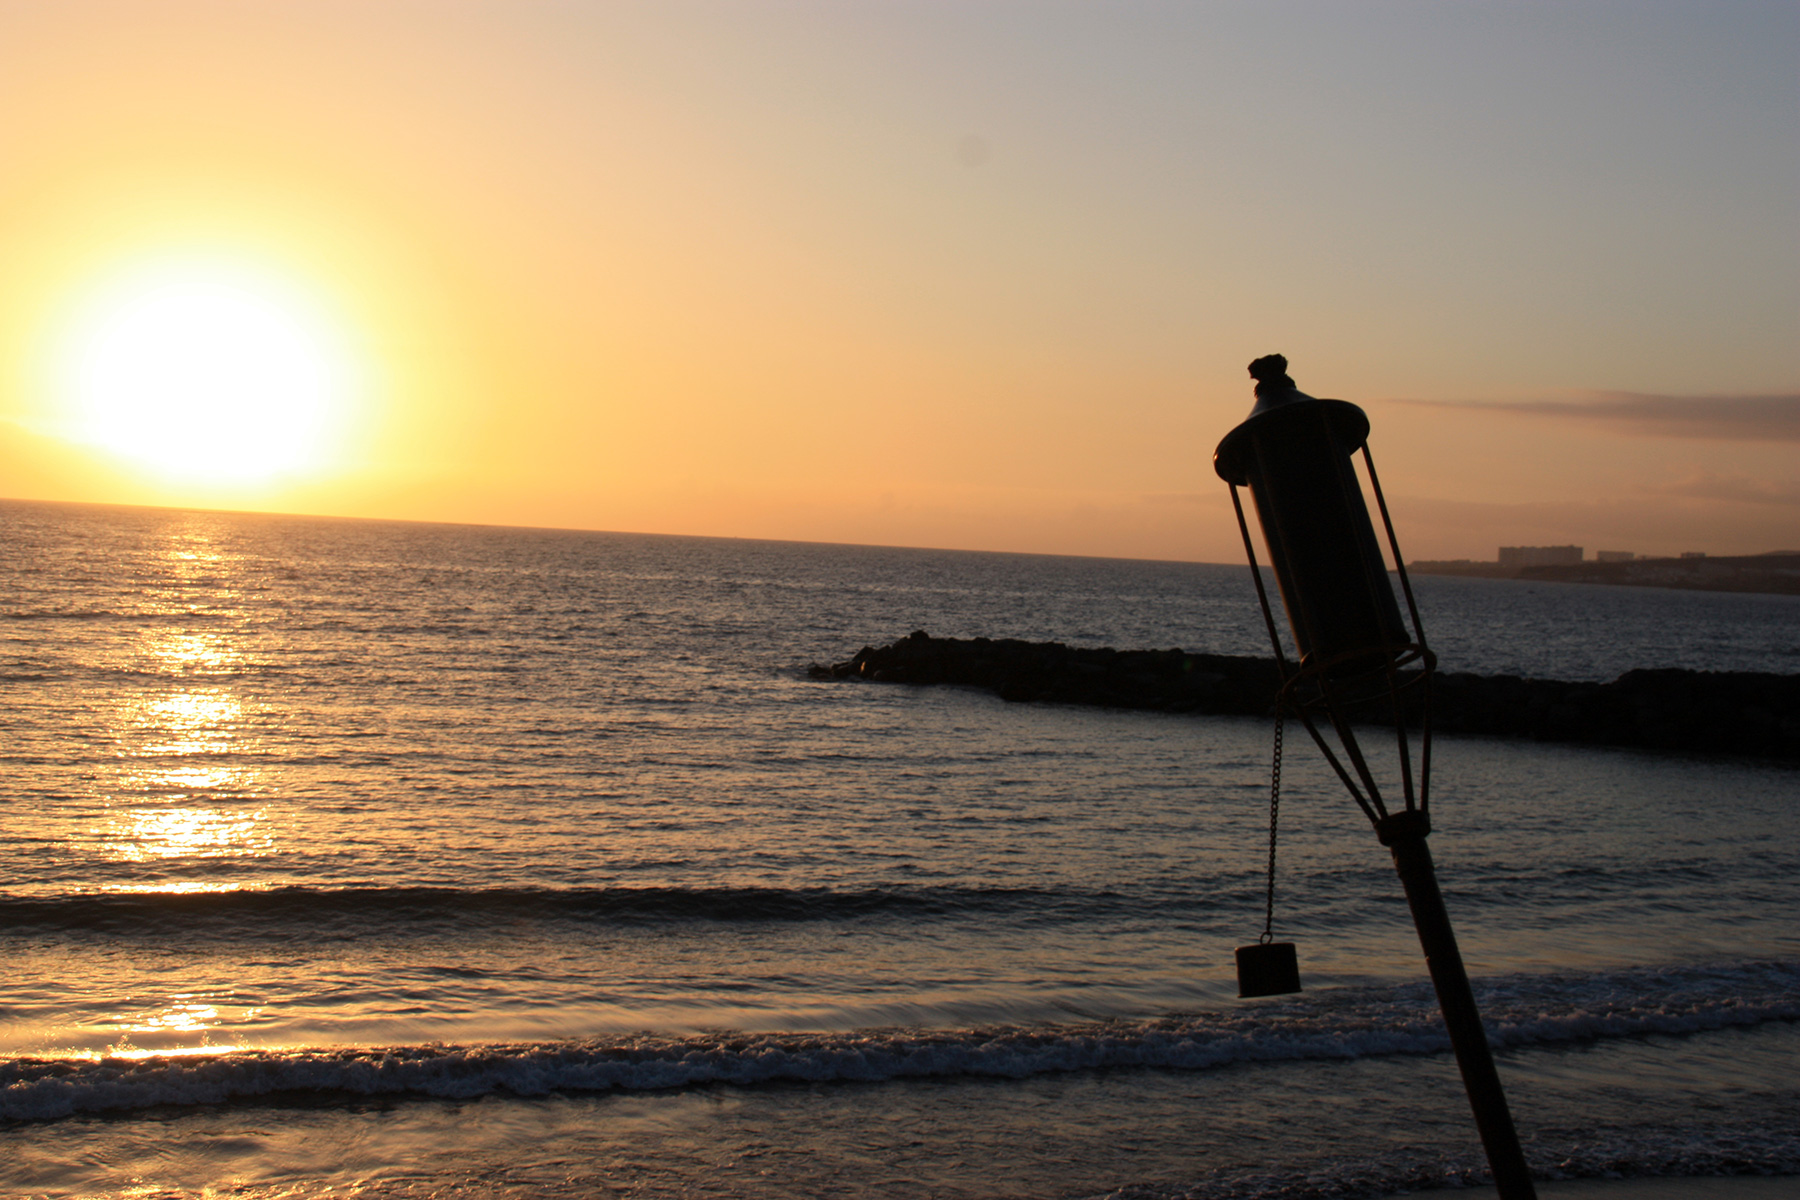 2 semaines de juin puerto de la cruz t n rife - A quelle heure le soleil se couche aujourd hui ...